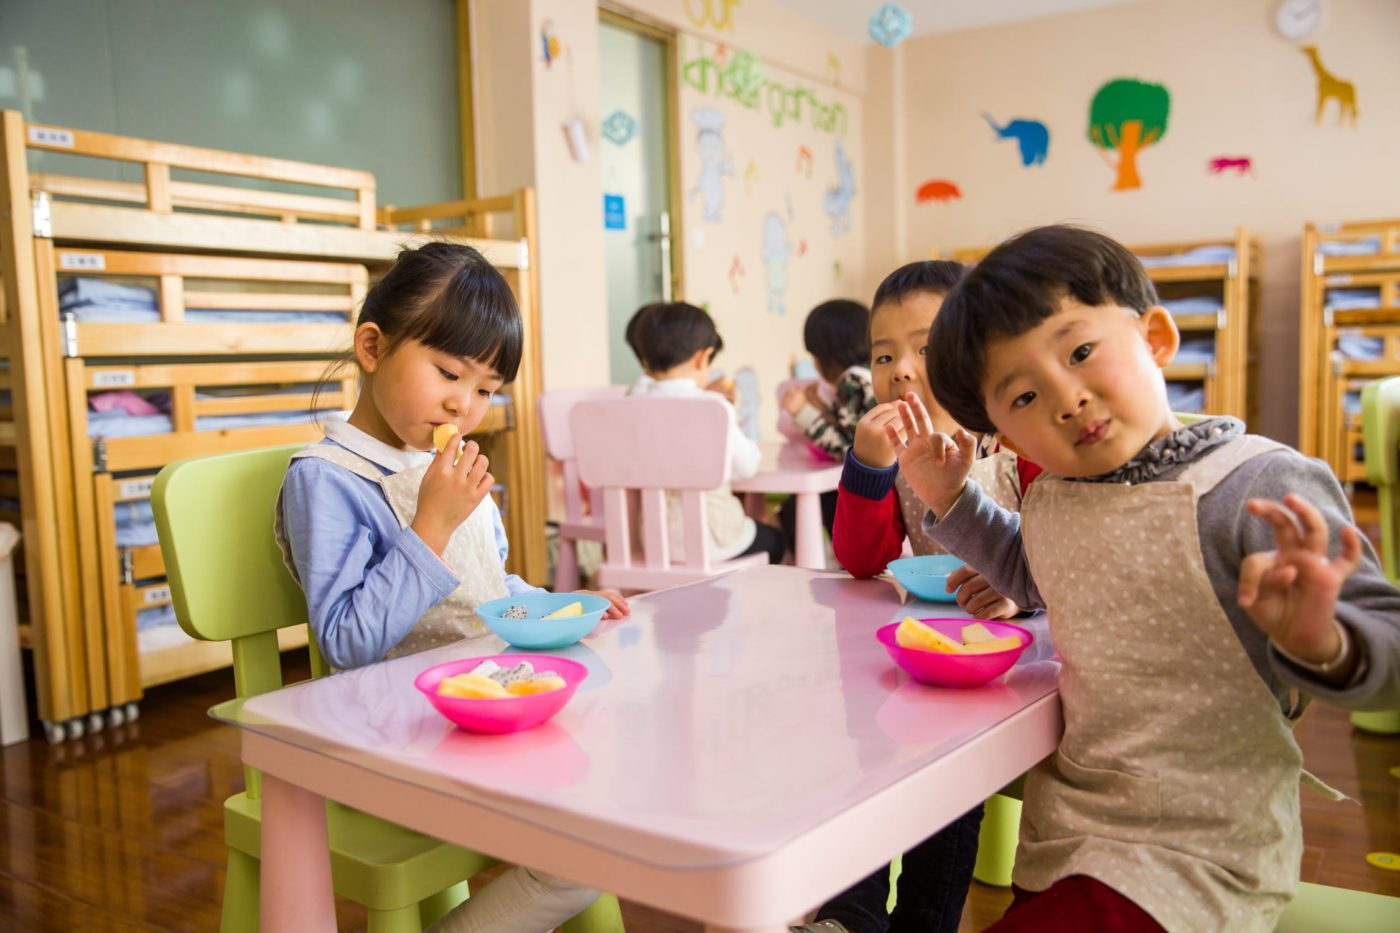 Some children eating